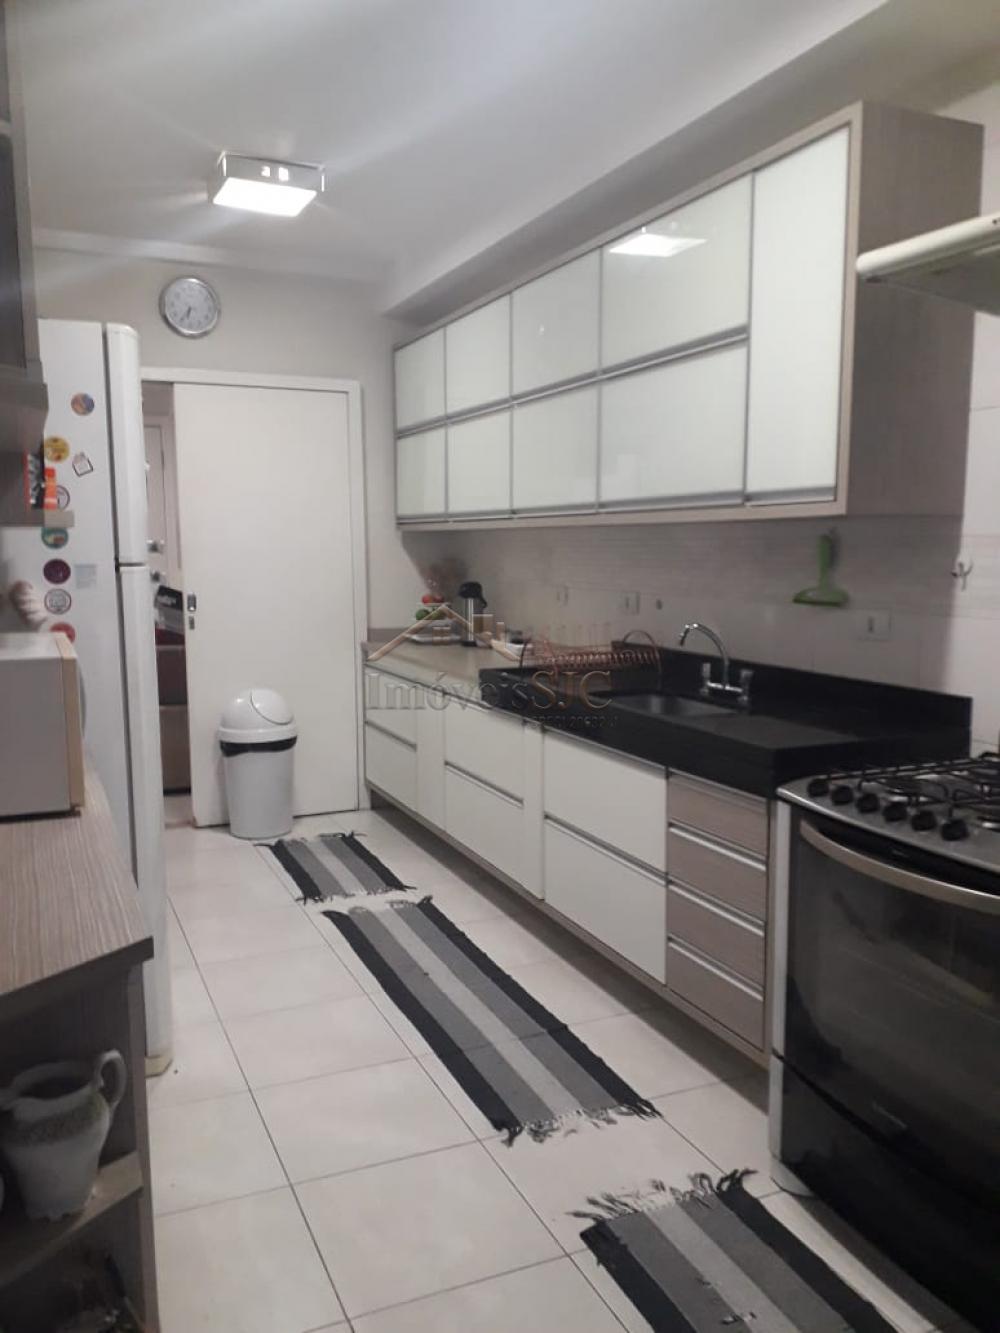 Alugar Apartamentos / Padrão em São José dos Campos R$ 7.500,00 - Foto 6